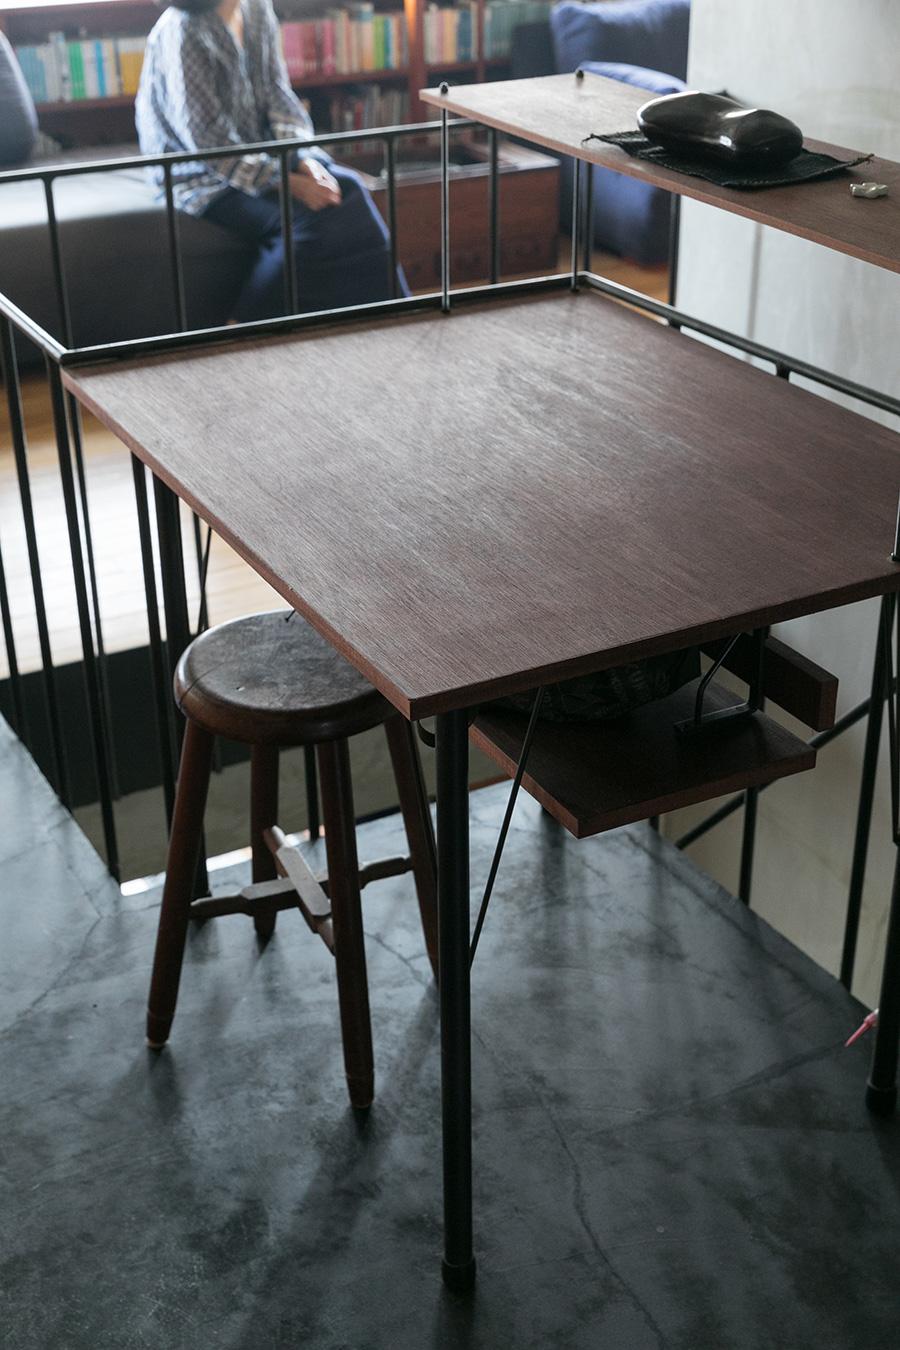 キッチンの前のスペースにピッタリサイズのテーブルをDIY。色も造作家具に併せて塗装。